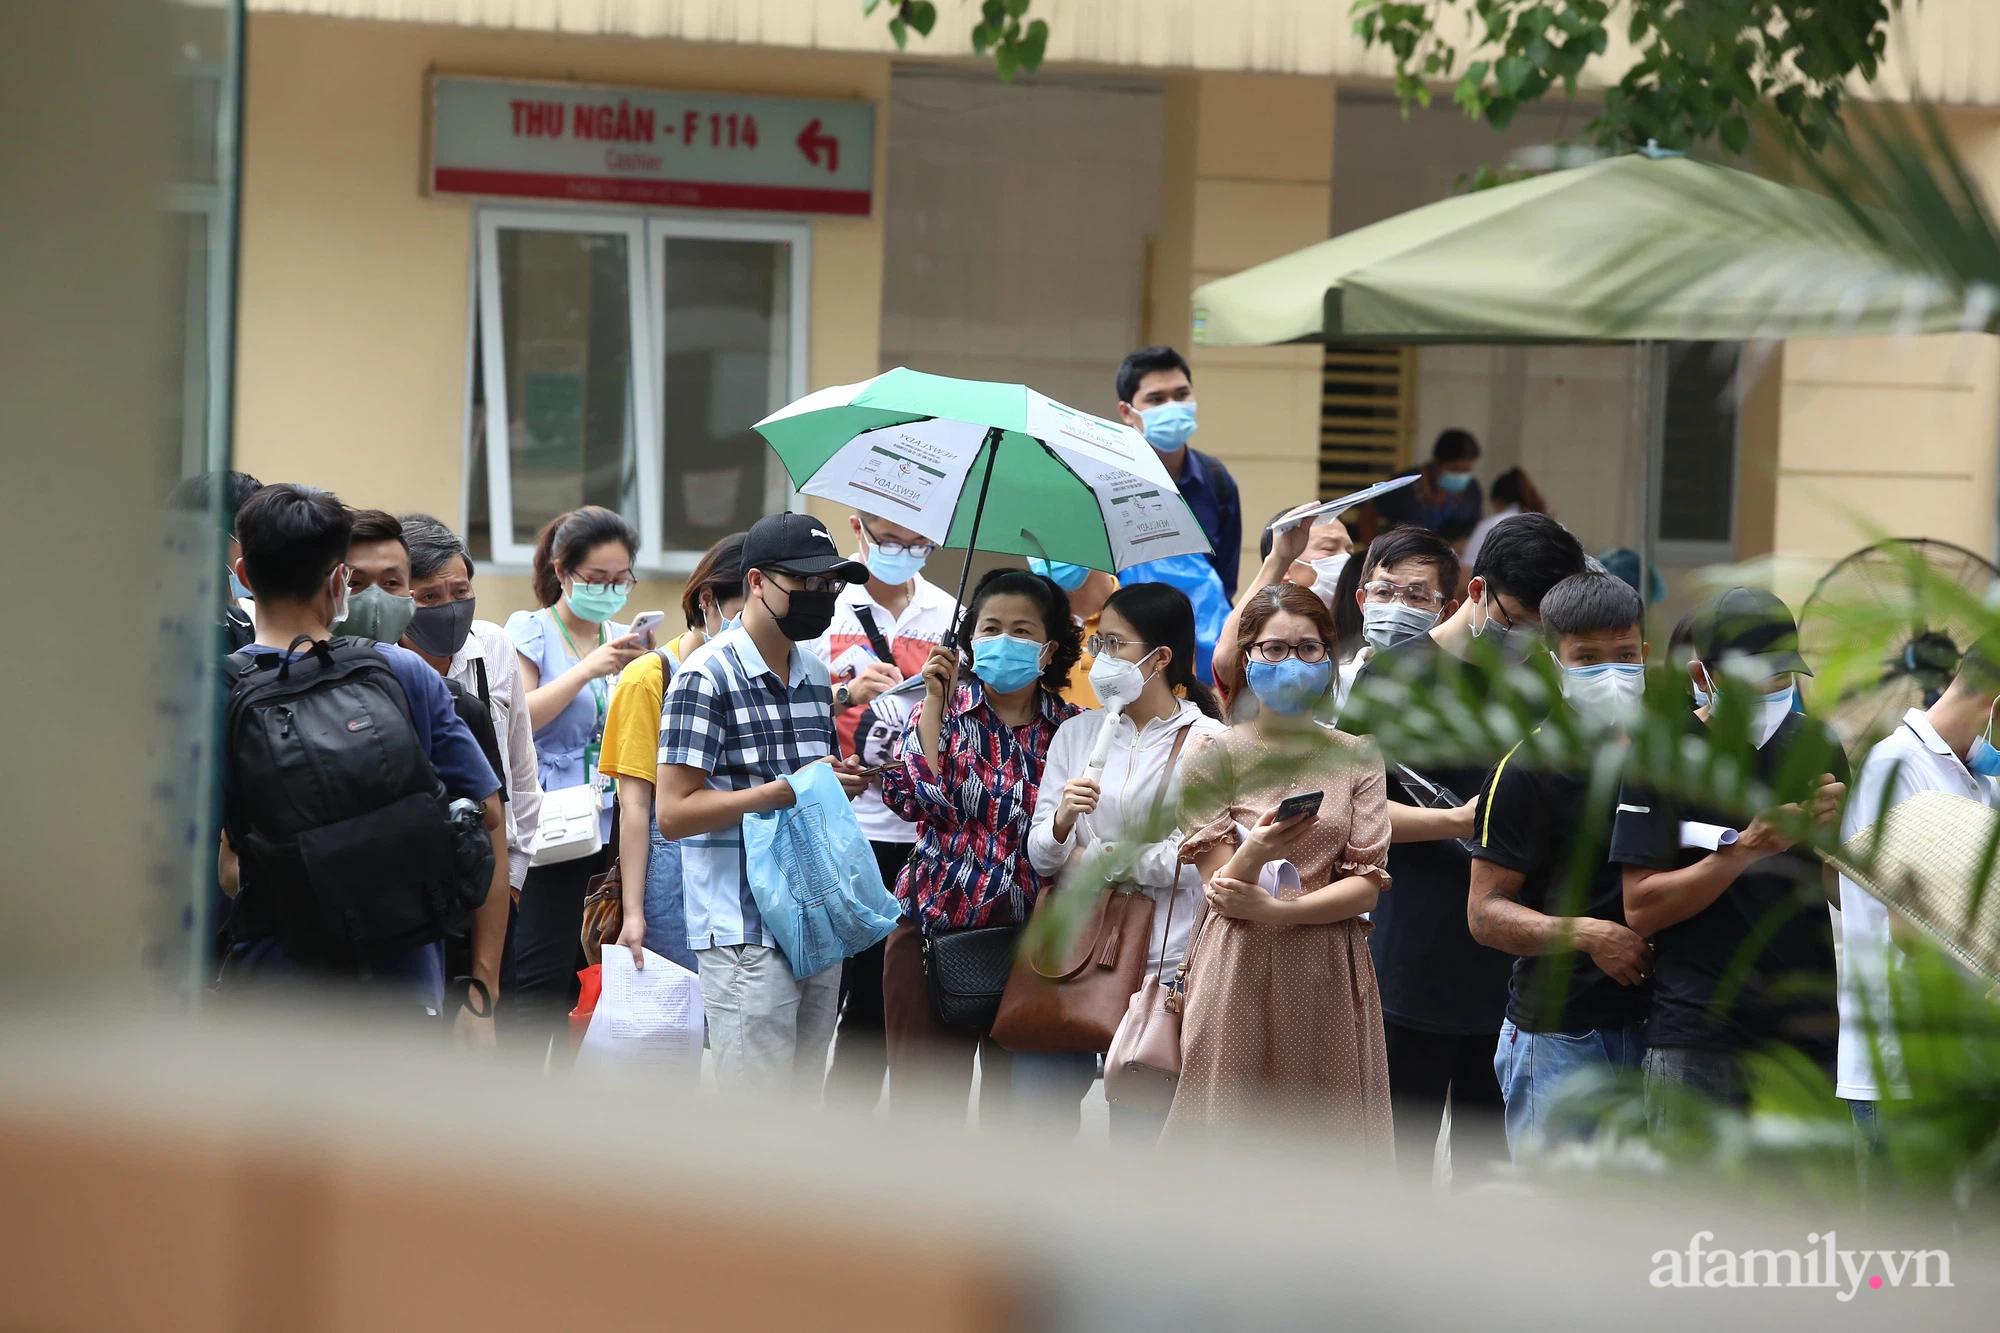 Bí thư thành ủy Hà Nội: Dừng ngay điểm tiêm vaccine Bệnh viện E, tránh tình trạng rối loạn - Ảnh 1.